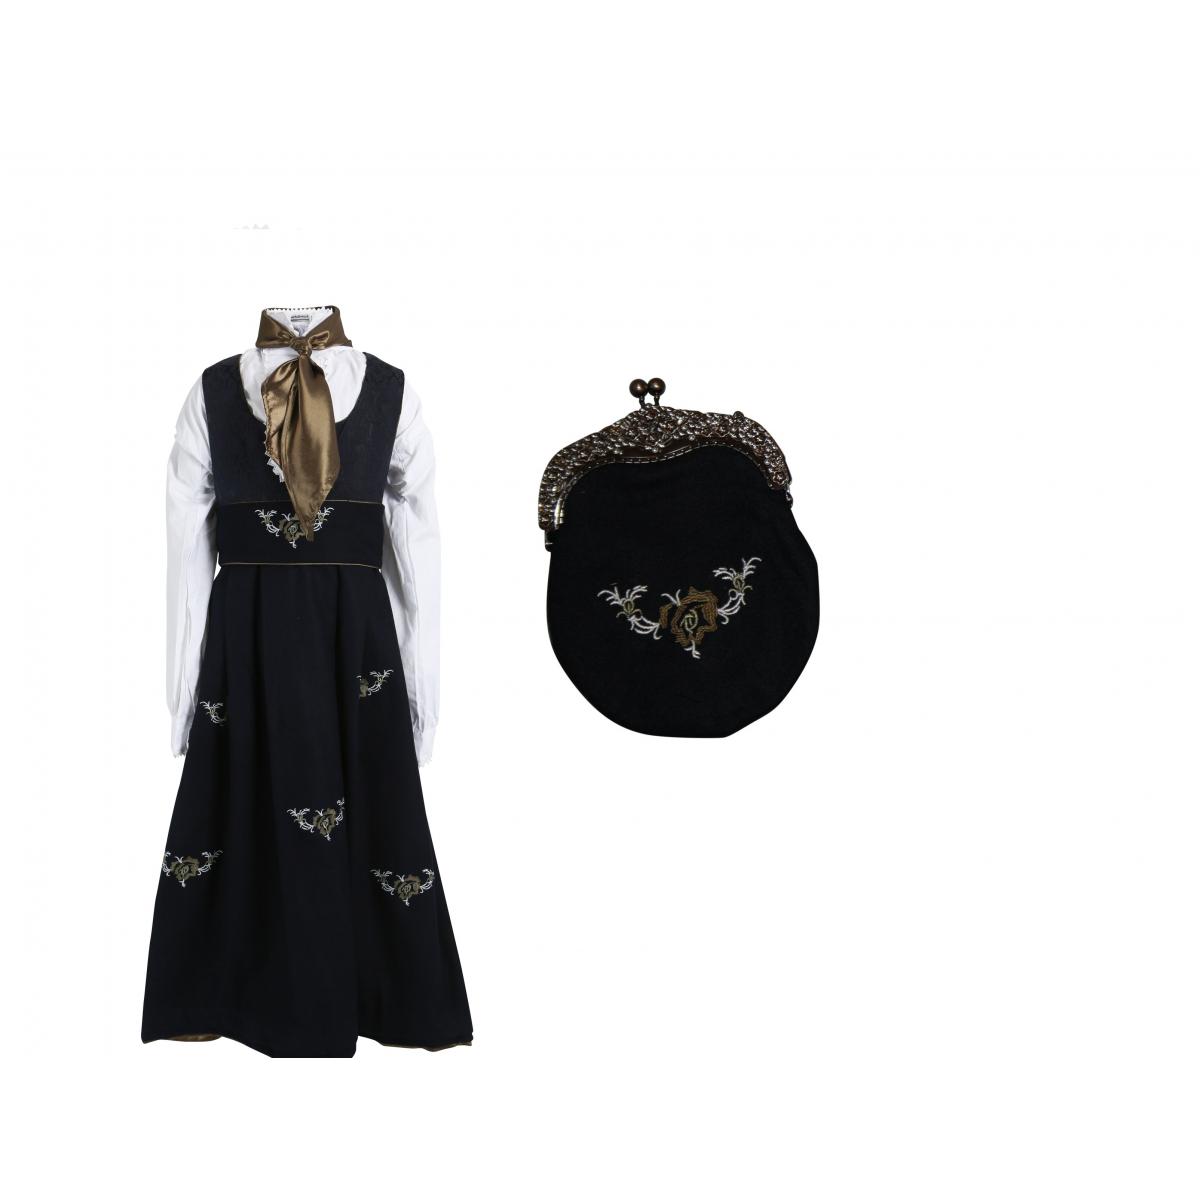 Maxemilia Festdrakt med cape og veske